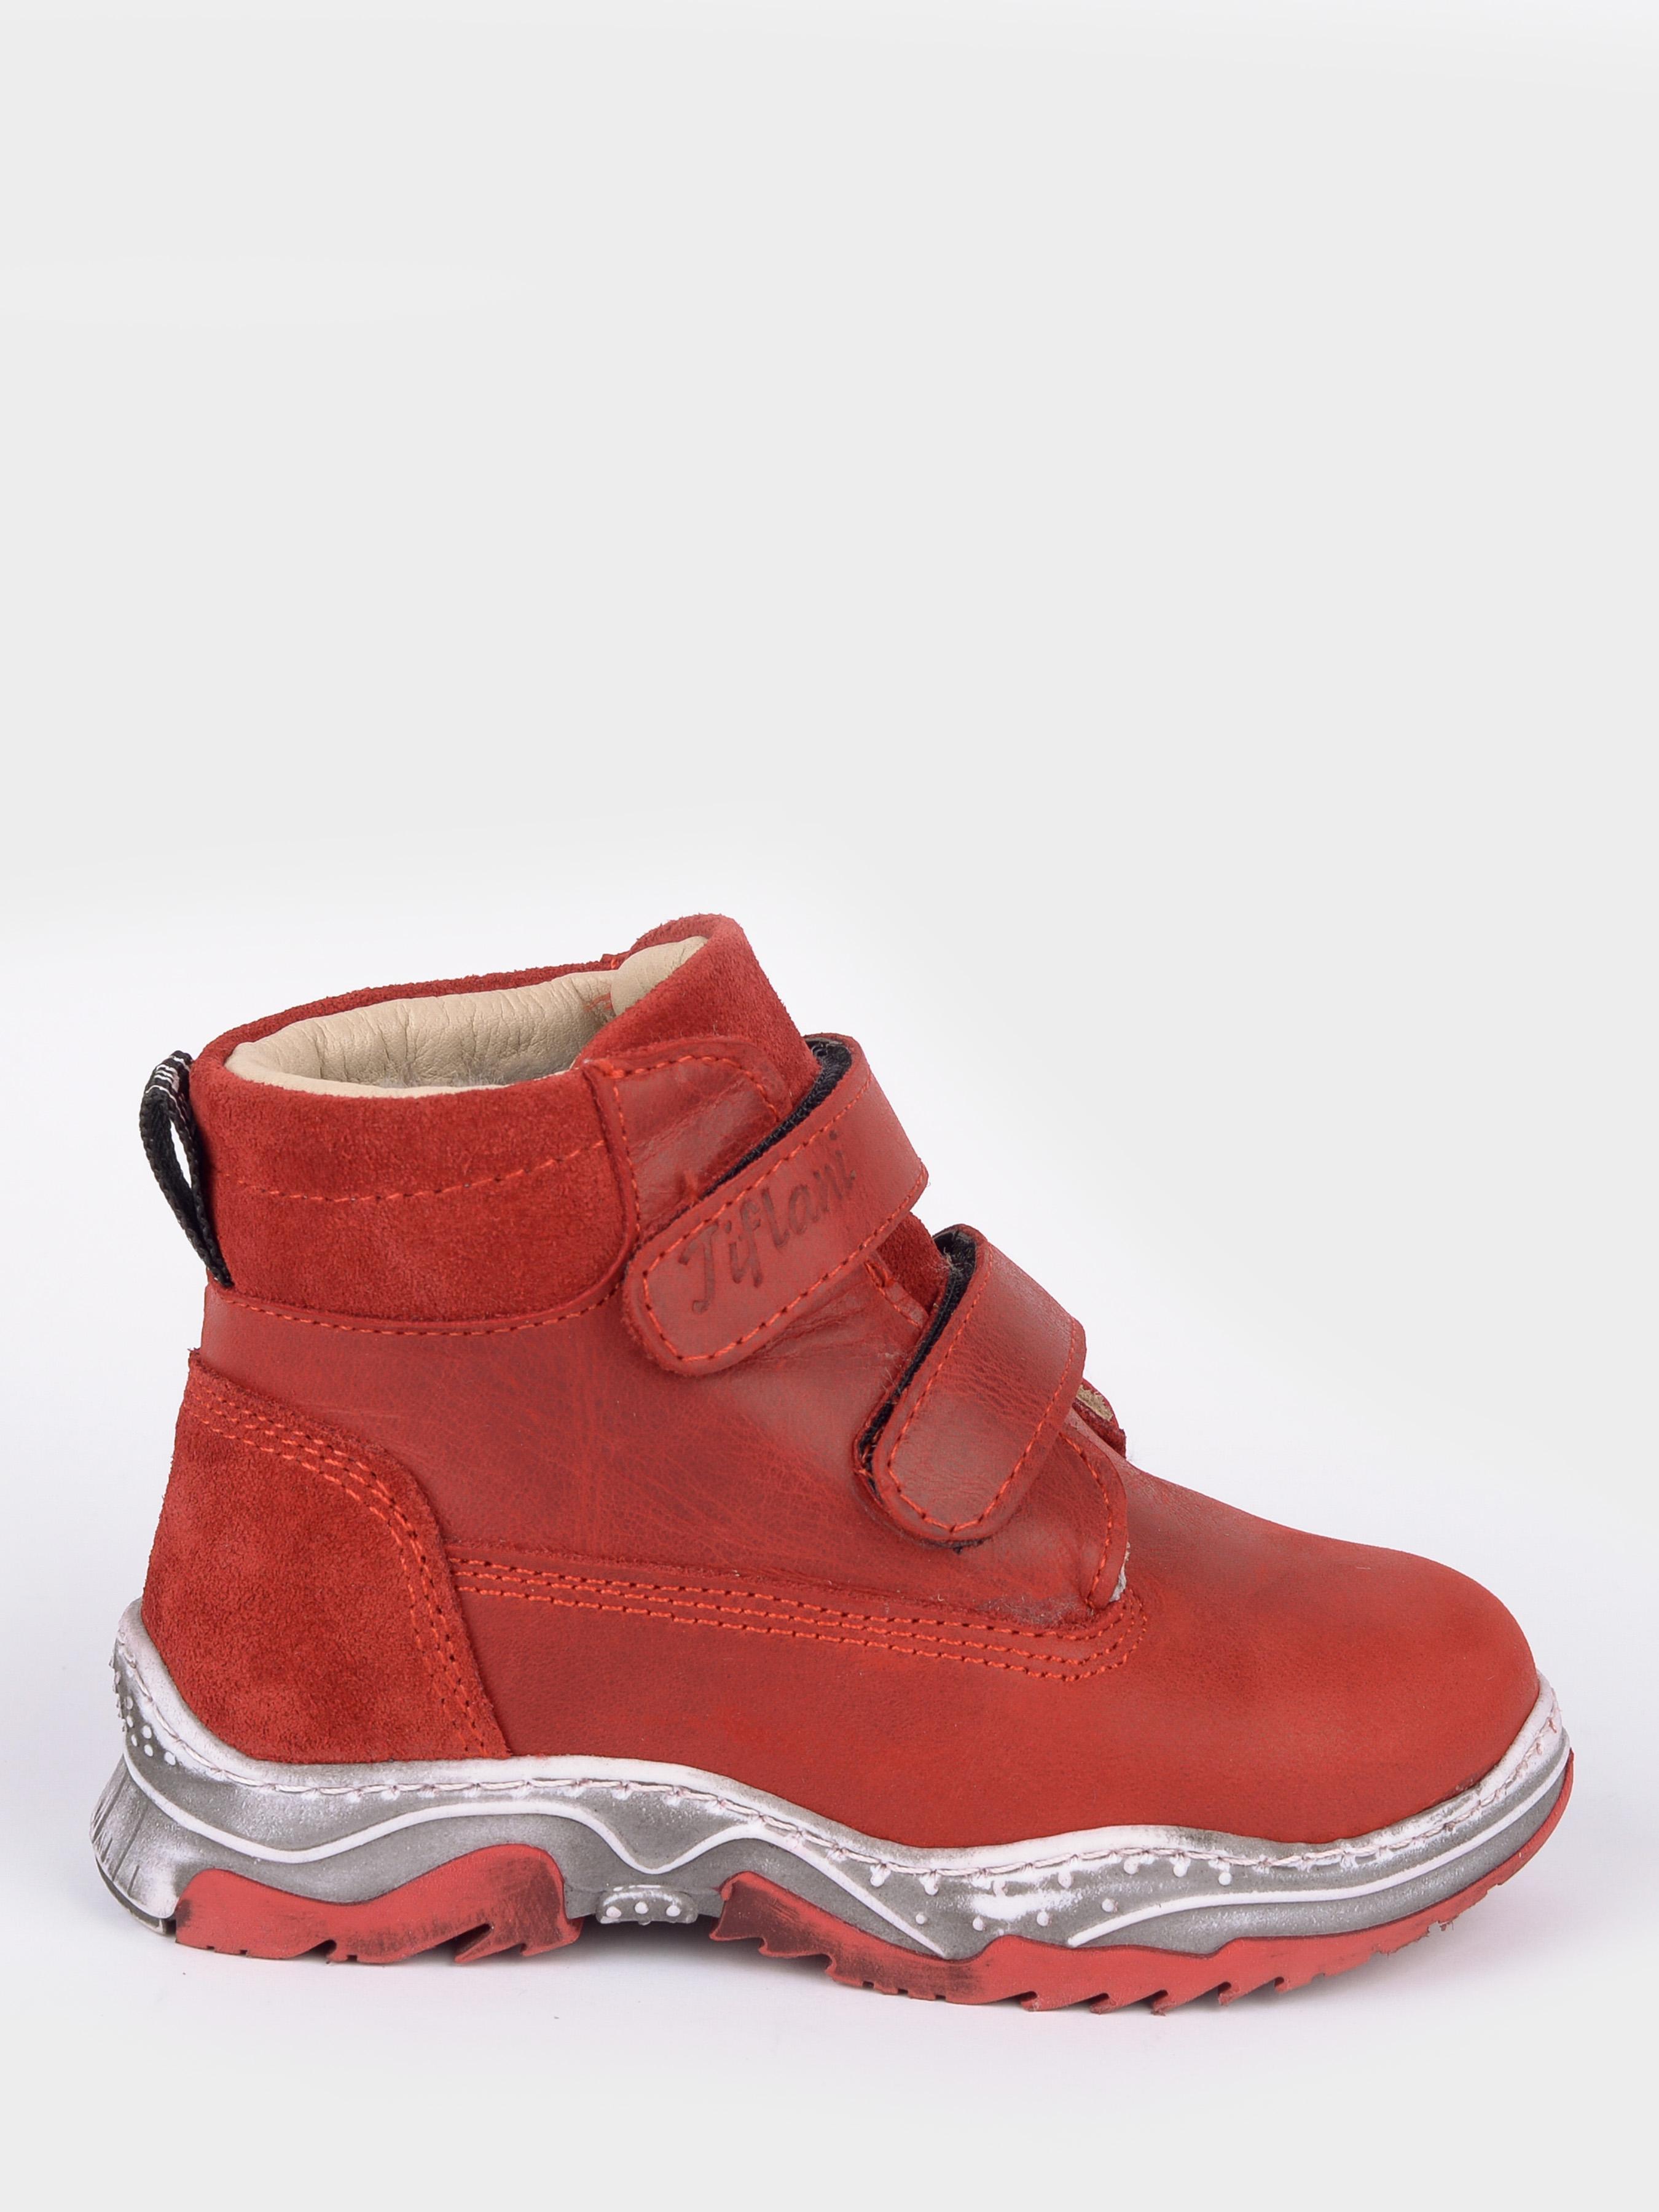 Купить Сапоги детские Сапоги 12B-2069K-38-141, Tiflani, Красный